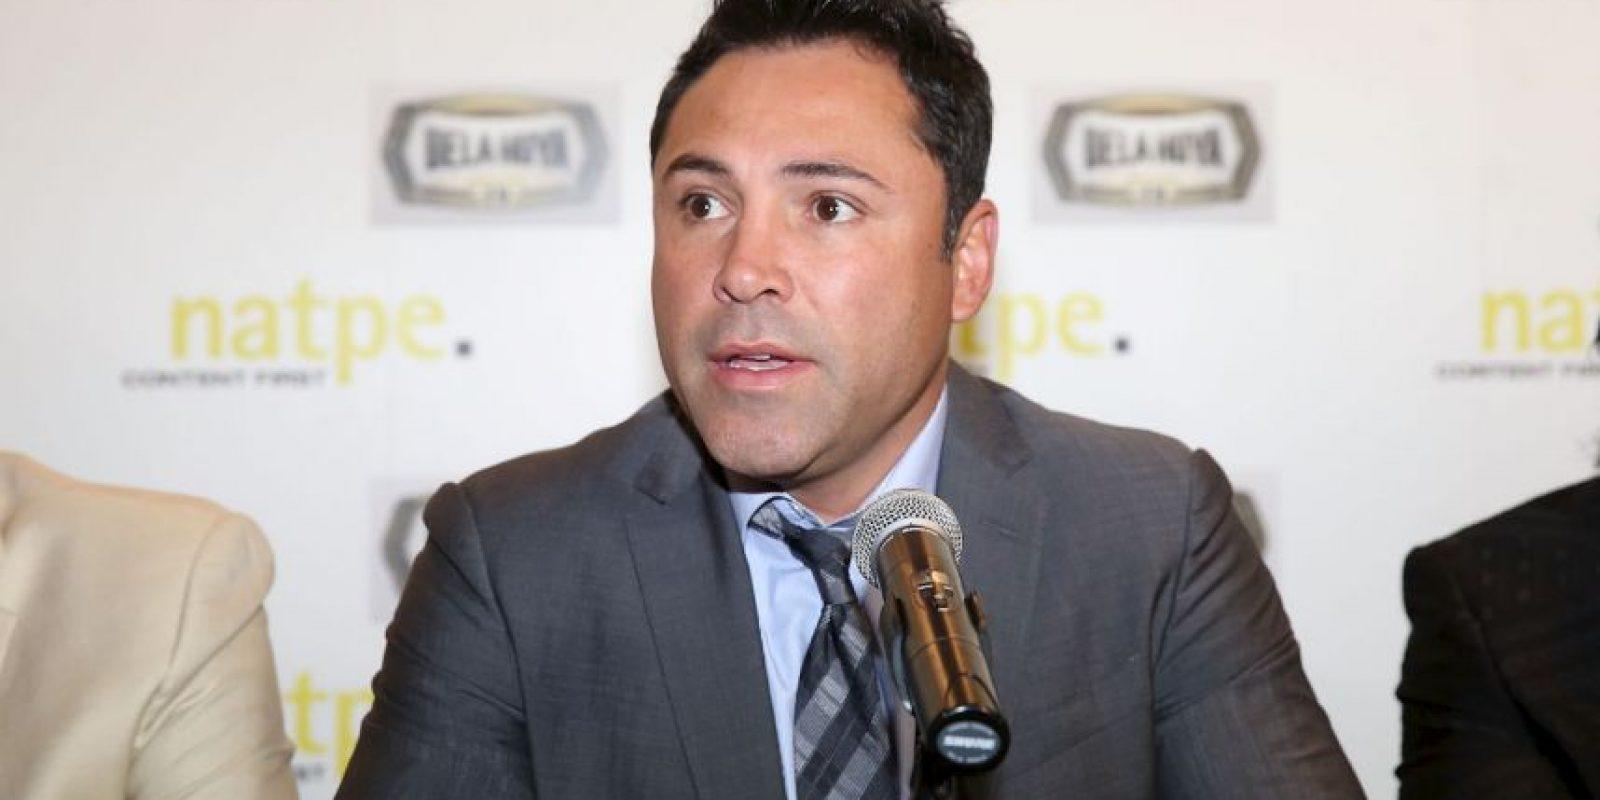 El ahora promotor pidió disculpas a los aficionados del boxeo Foto:Getty Images